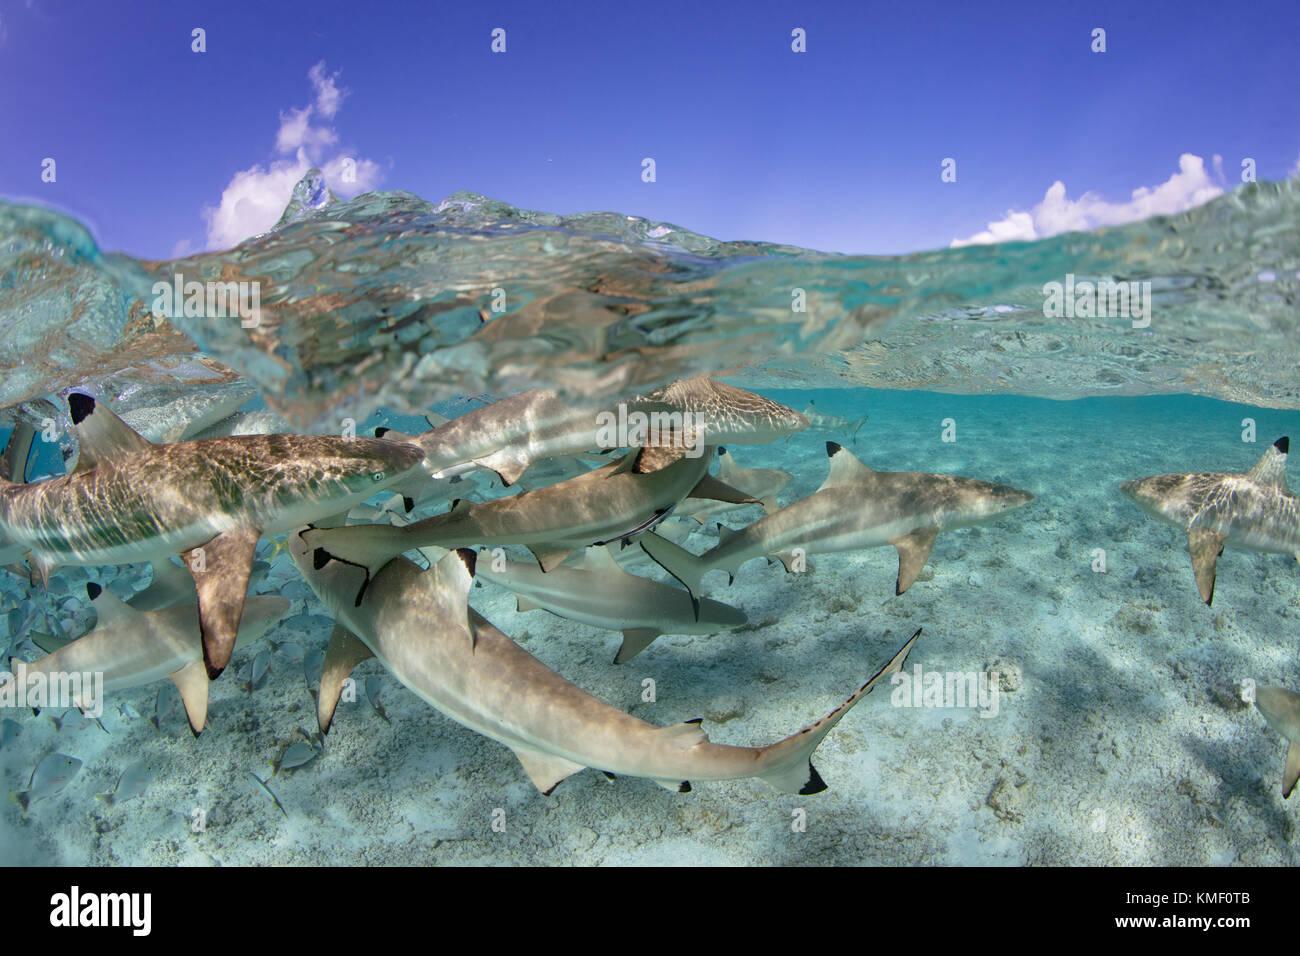 Over/under de Blacktip tiburones de arrecife en una laguna, en la Polinesia Francesa. Foto de stock